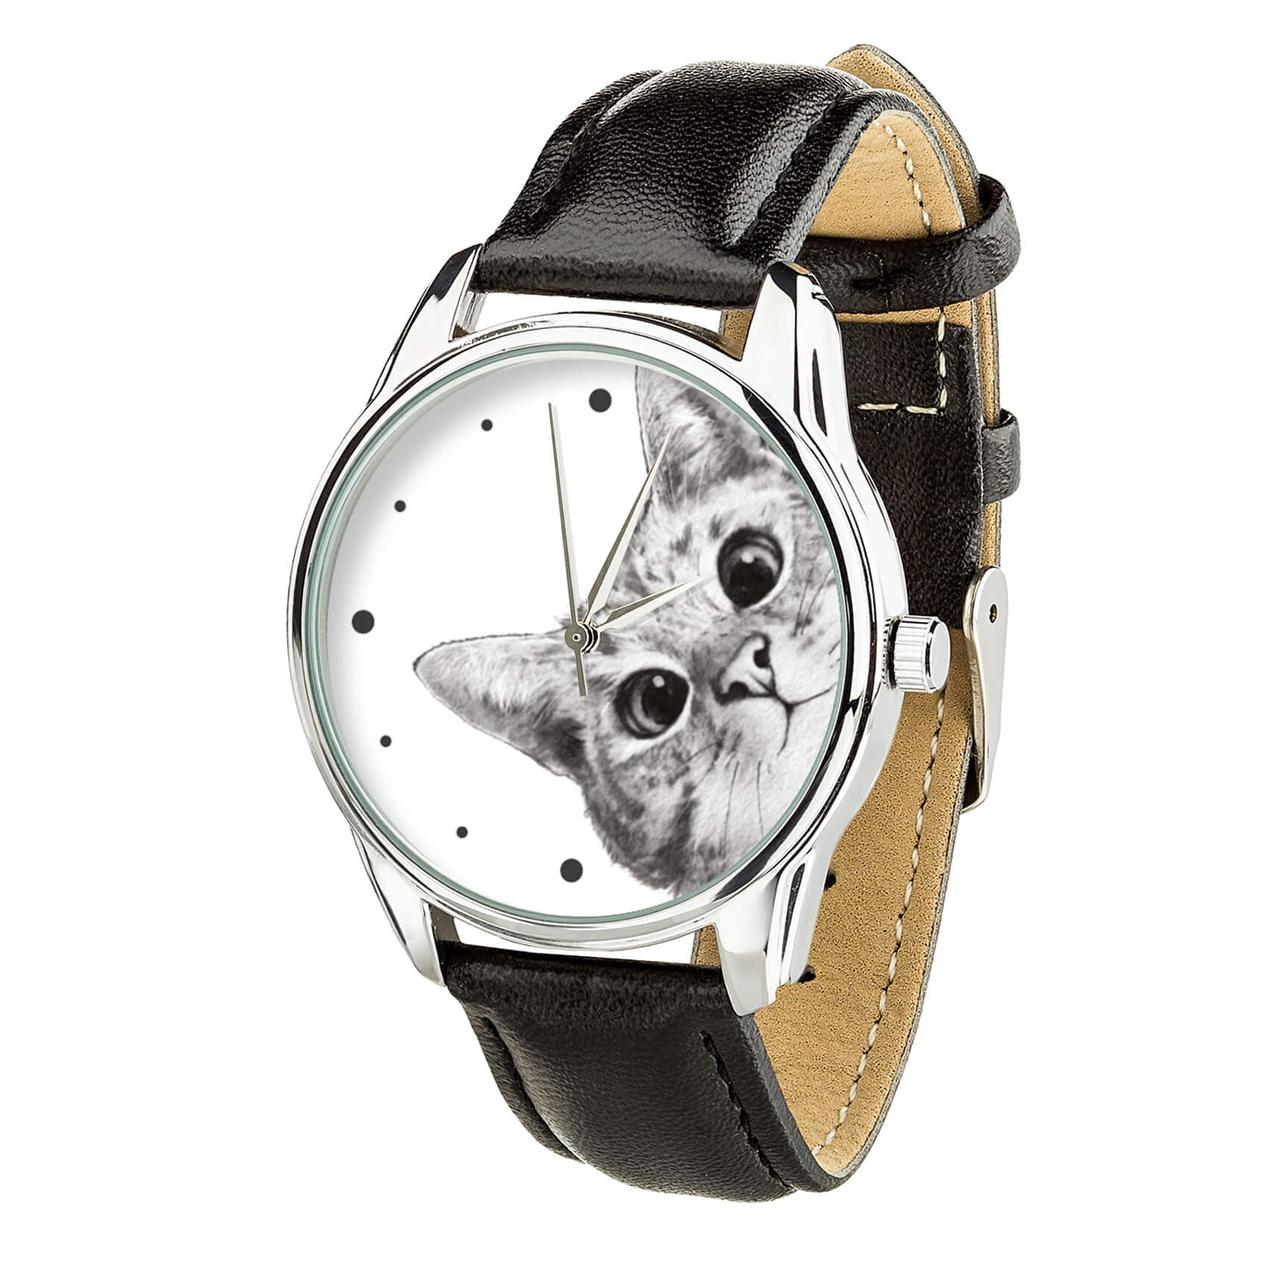 Часы ZIZ Эй, Кот! (ремешок насыщенно - черный, серебро) + дополнительный ремешок